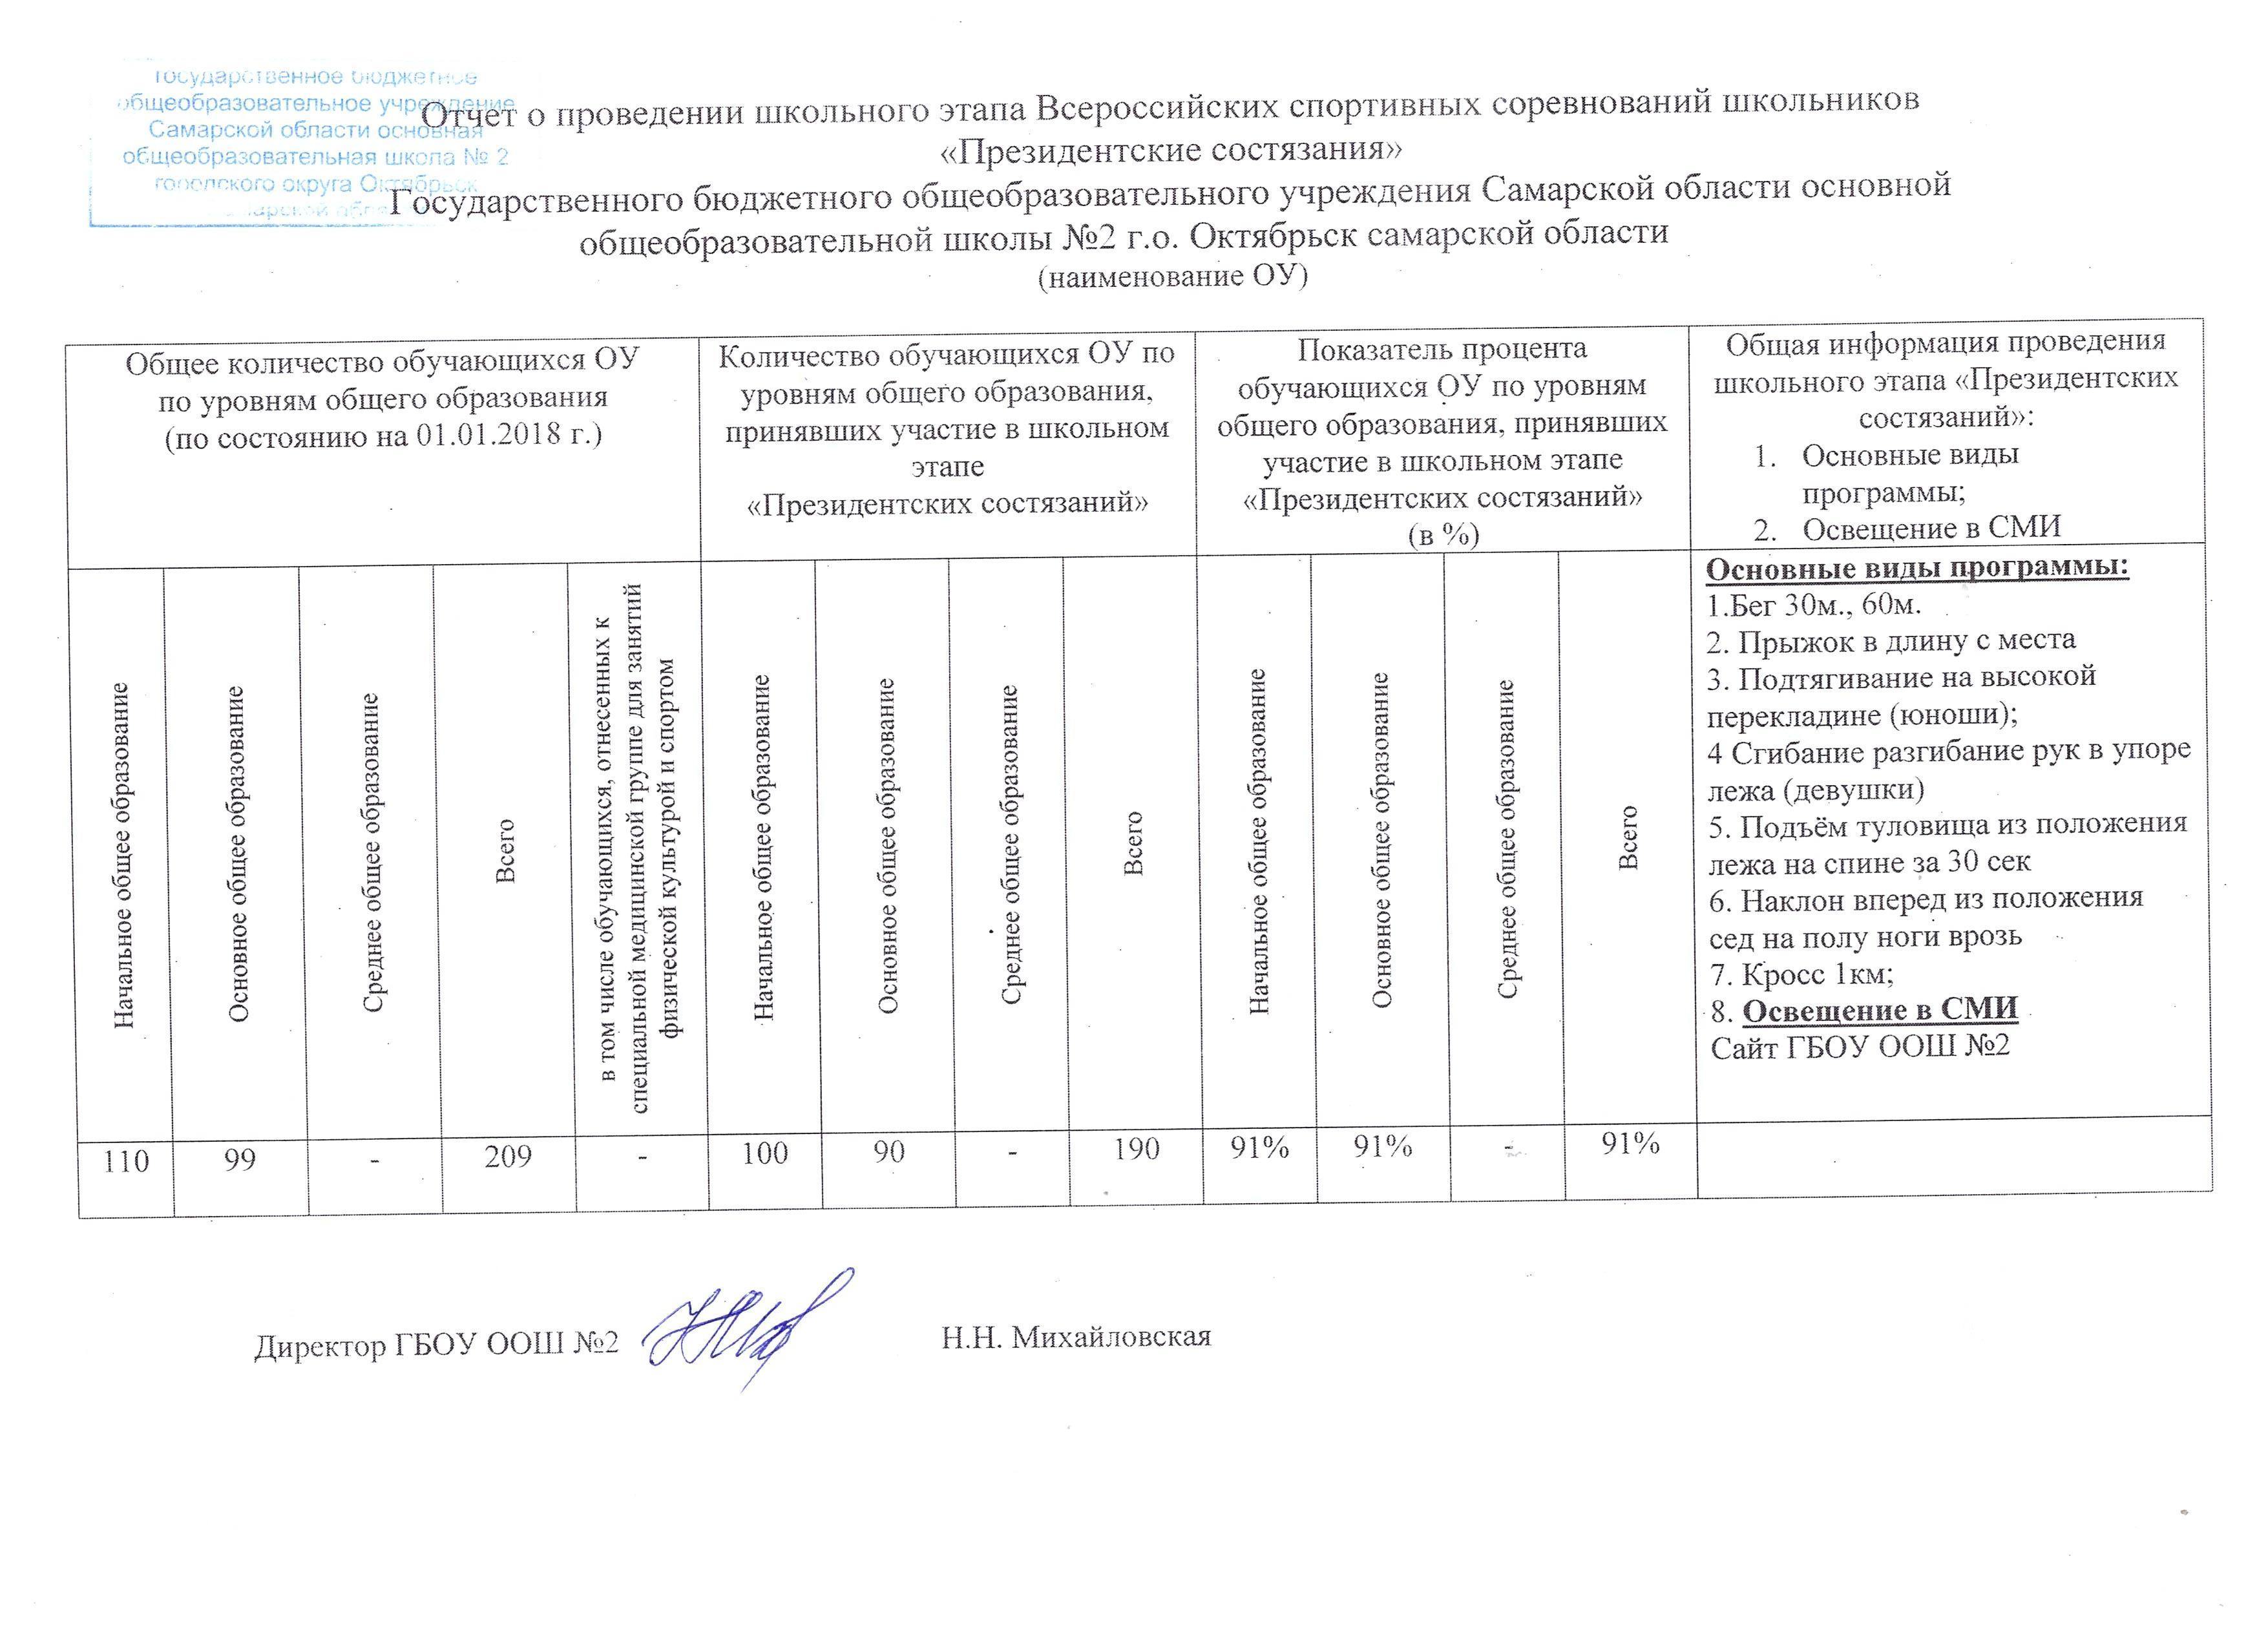 """Отчет о проведении """"Президентских состязаний"""""""